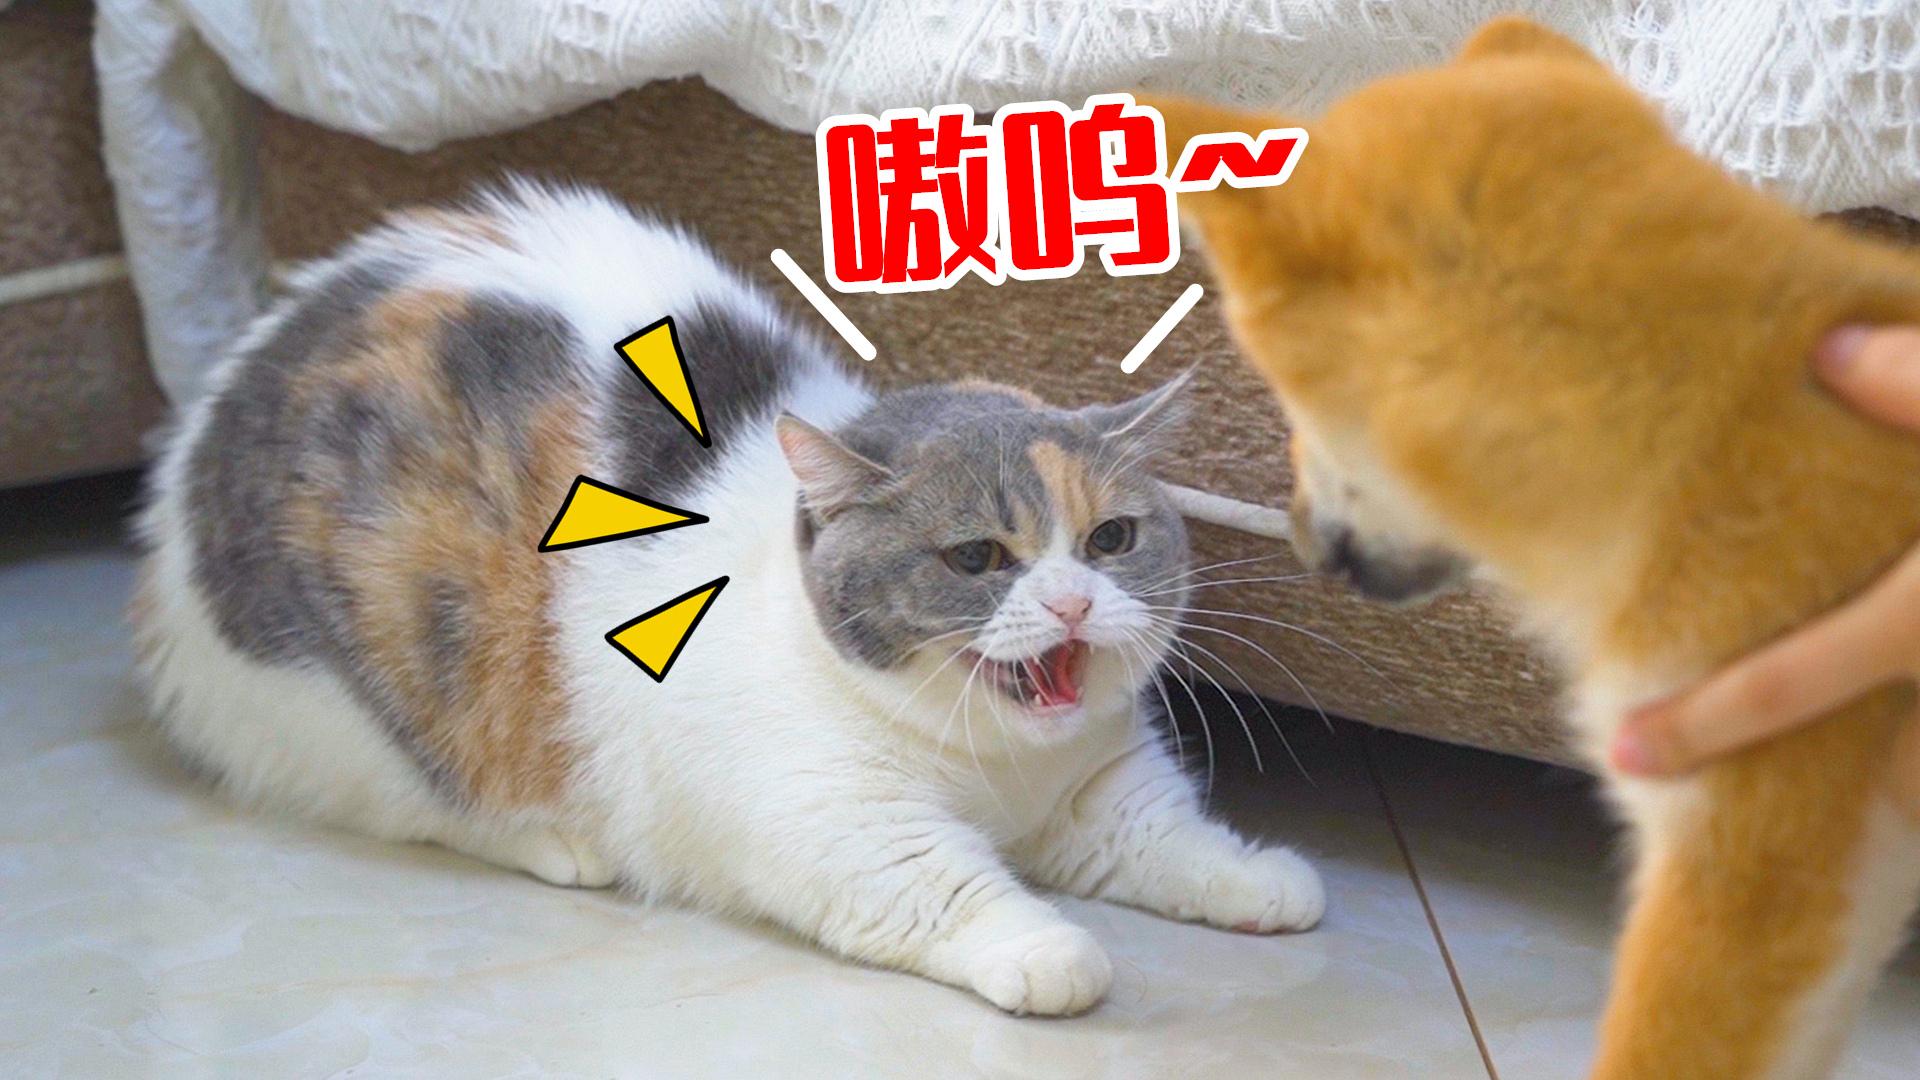 小柴犬刚来新家,就惨遭4只猫暴打,太惨了!